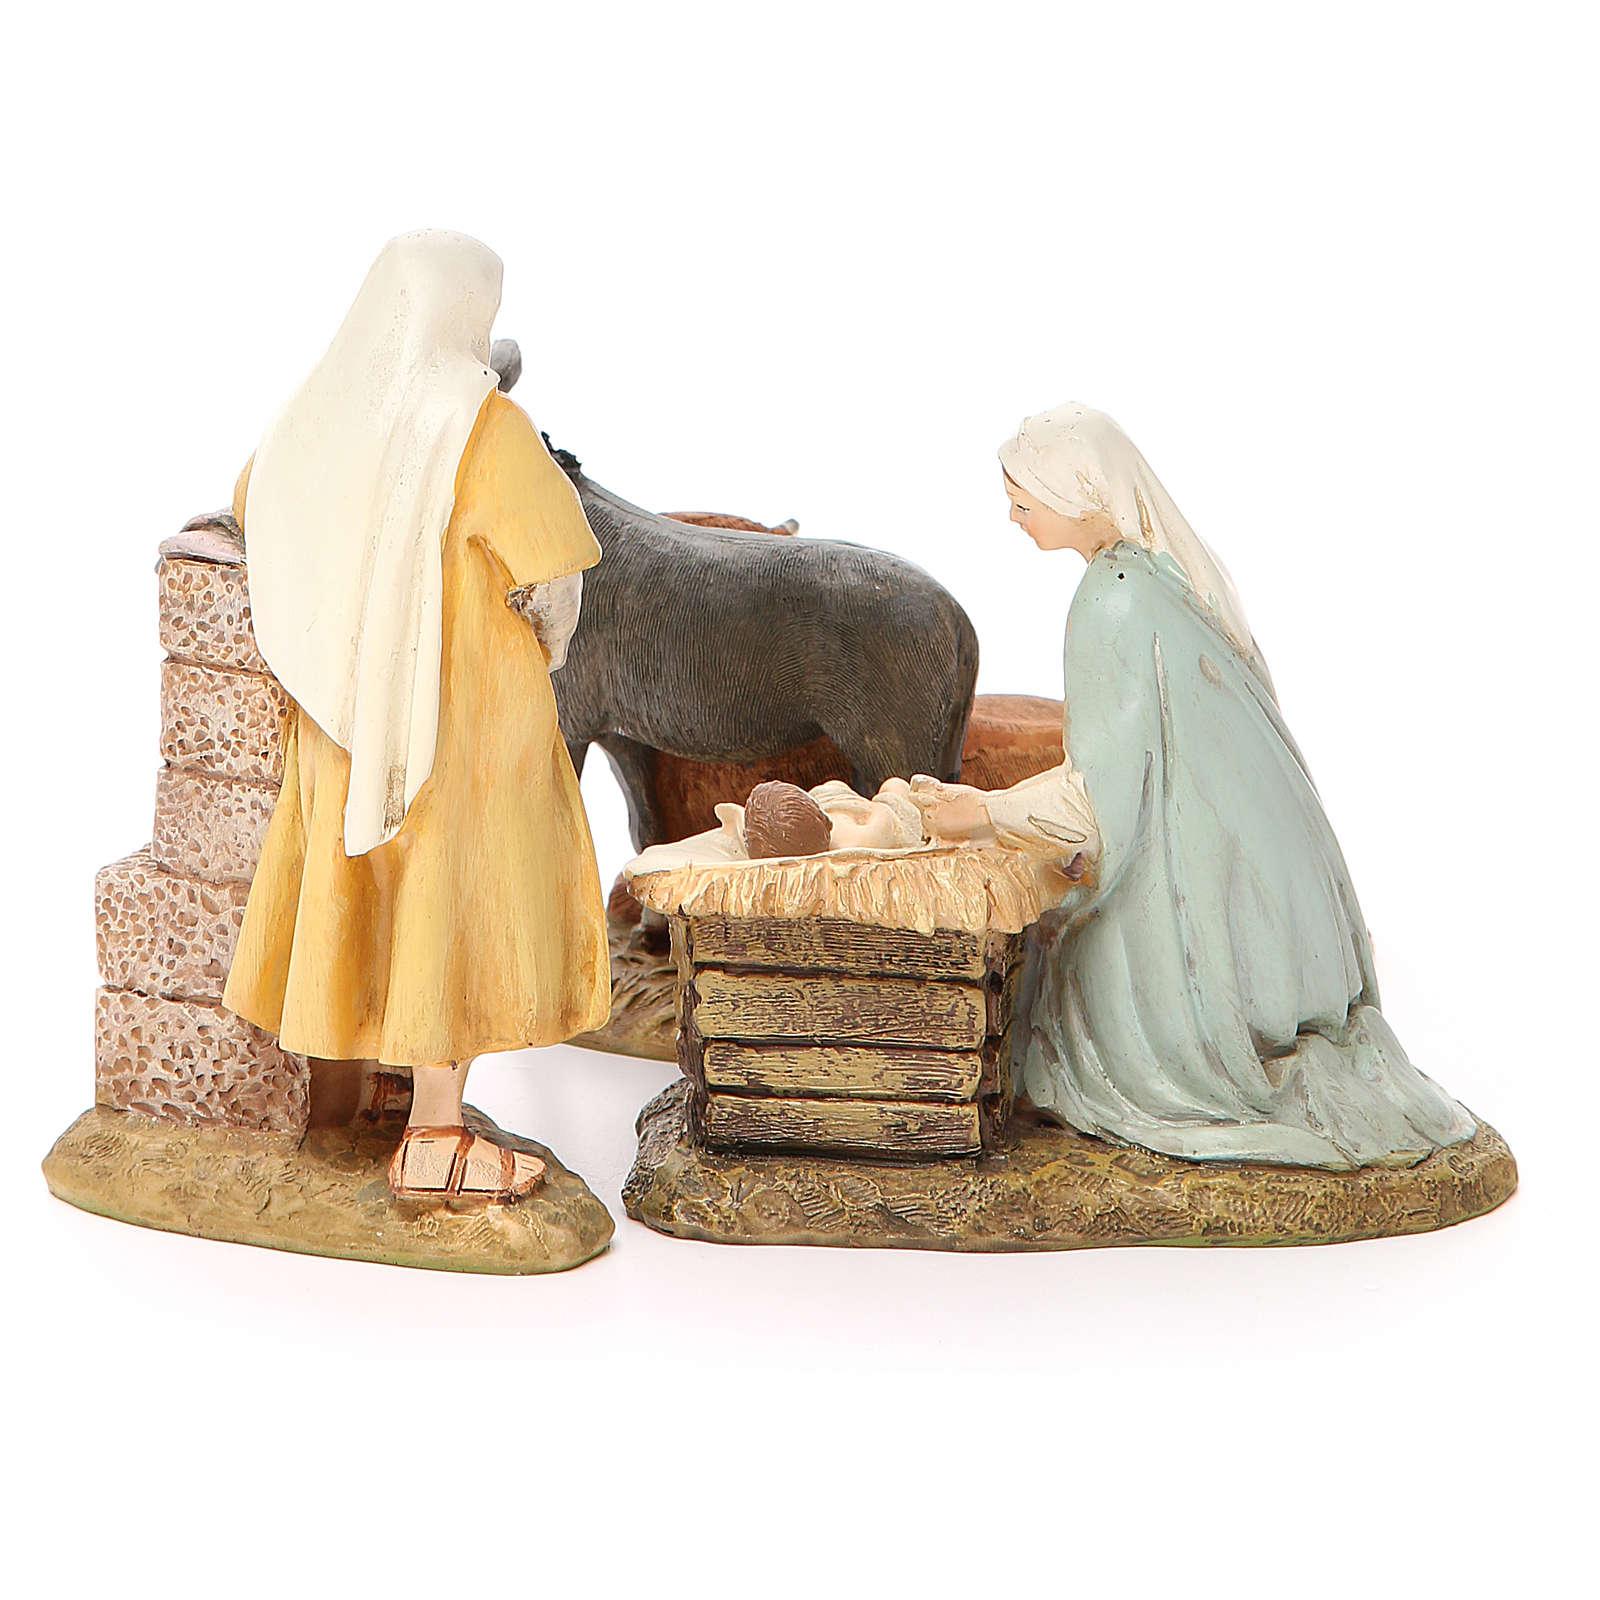 Natividade boi e burro resina pintada 12 cm Linha Martino Landi 3